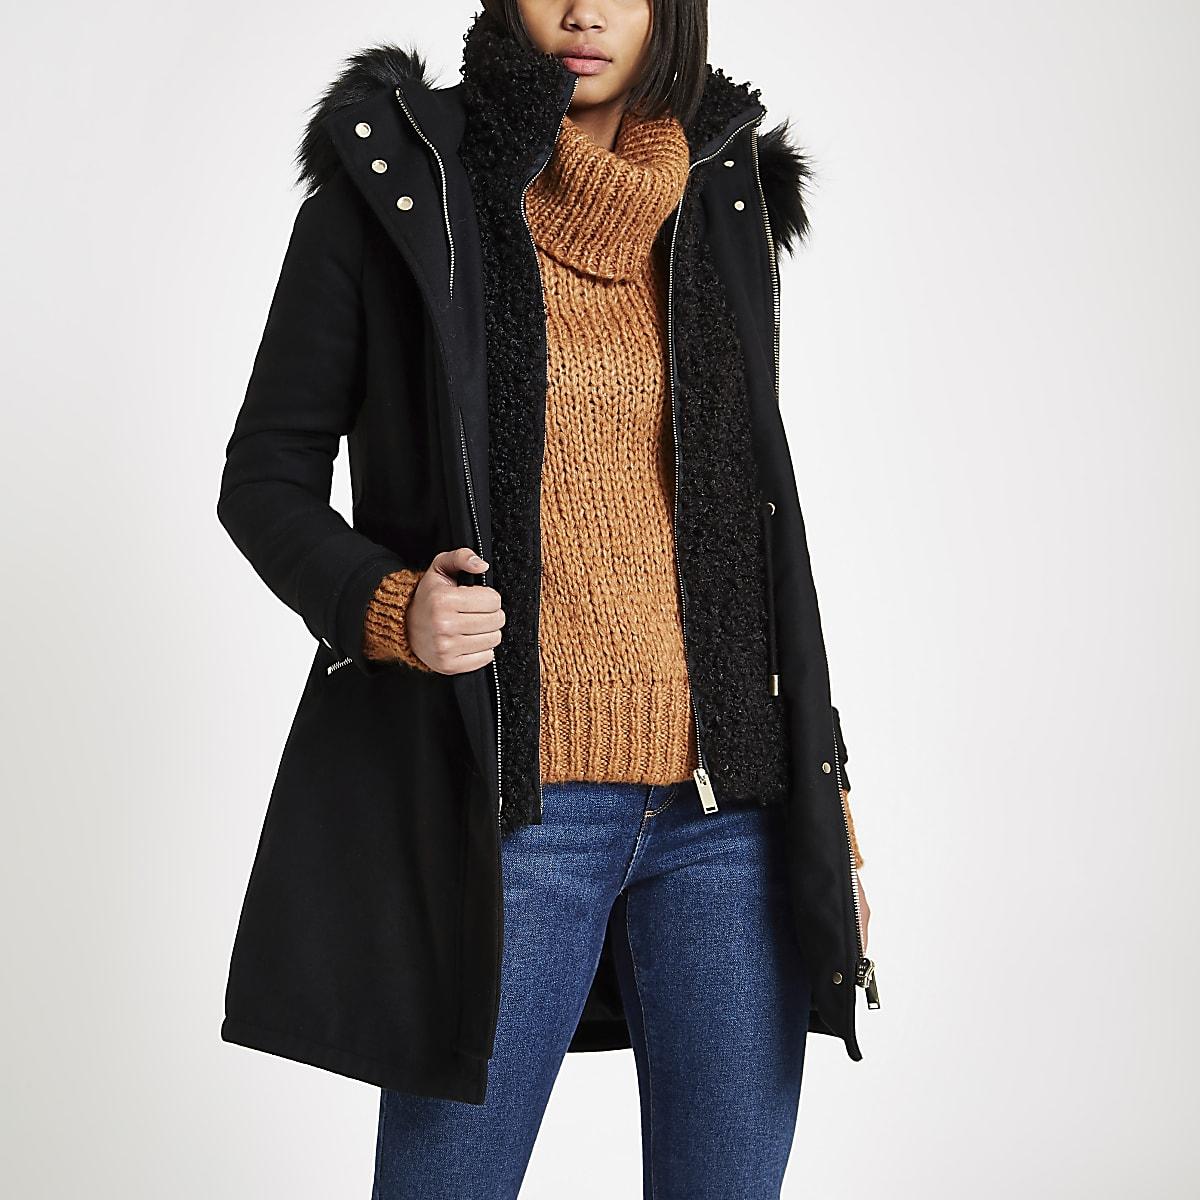 Manteau double épaisseur noir imitation peau de mouton